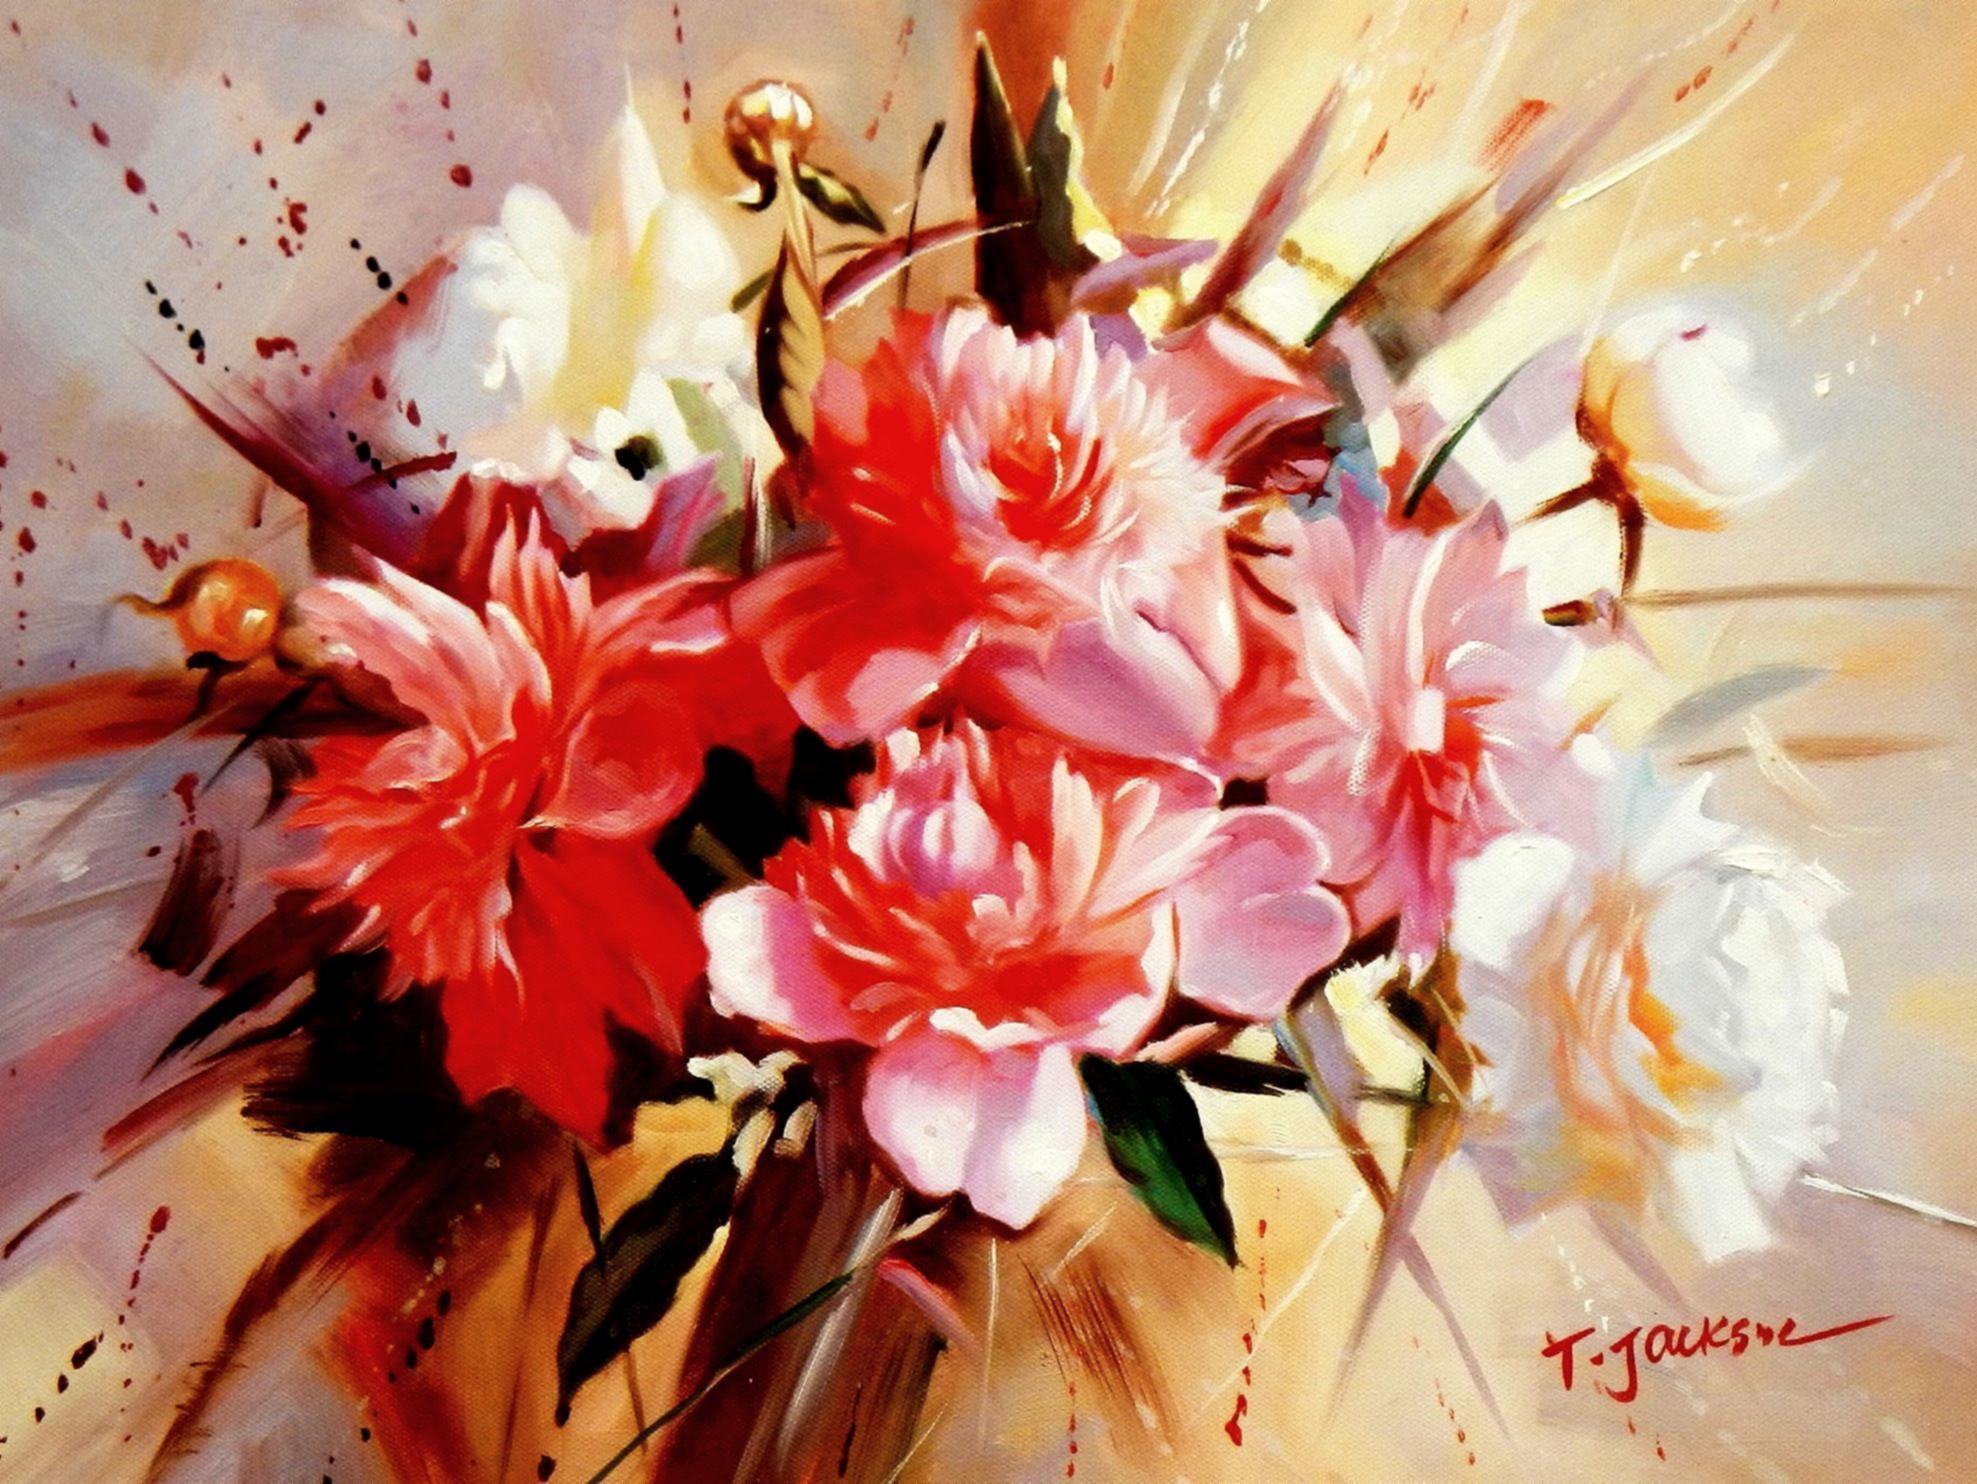 Modern Art - Das Blumenfest a94526 30x40cm handgemaltes Gemälde